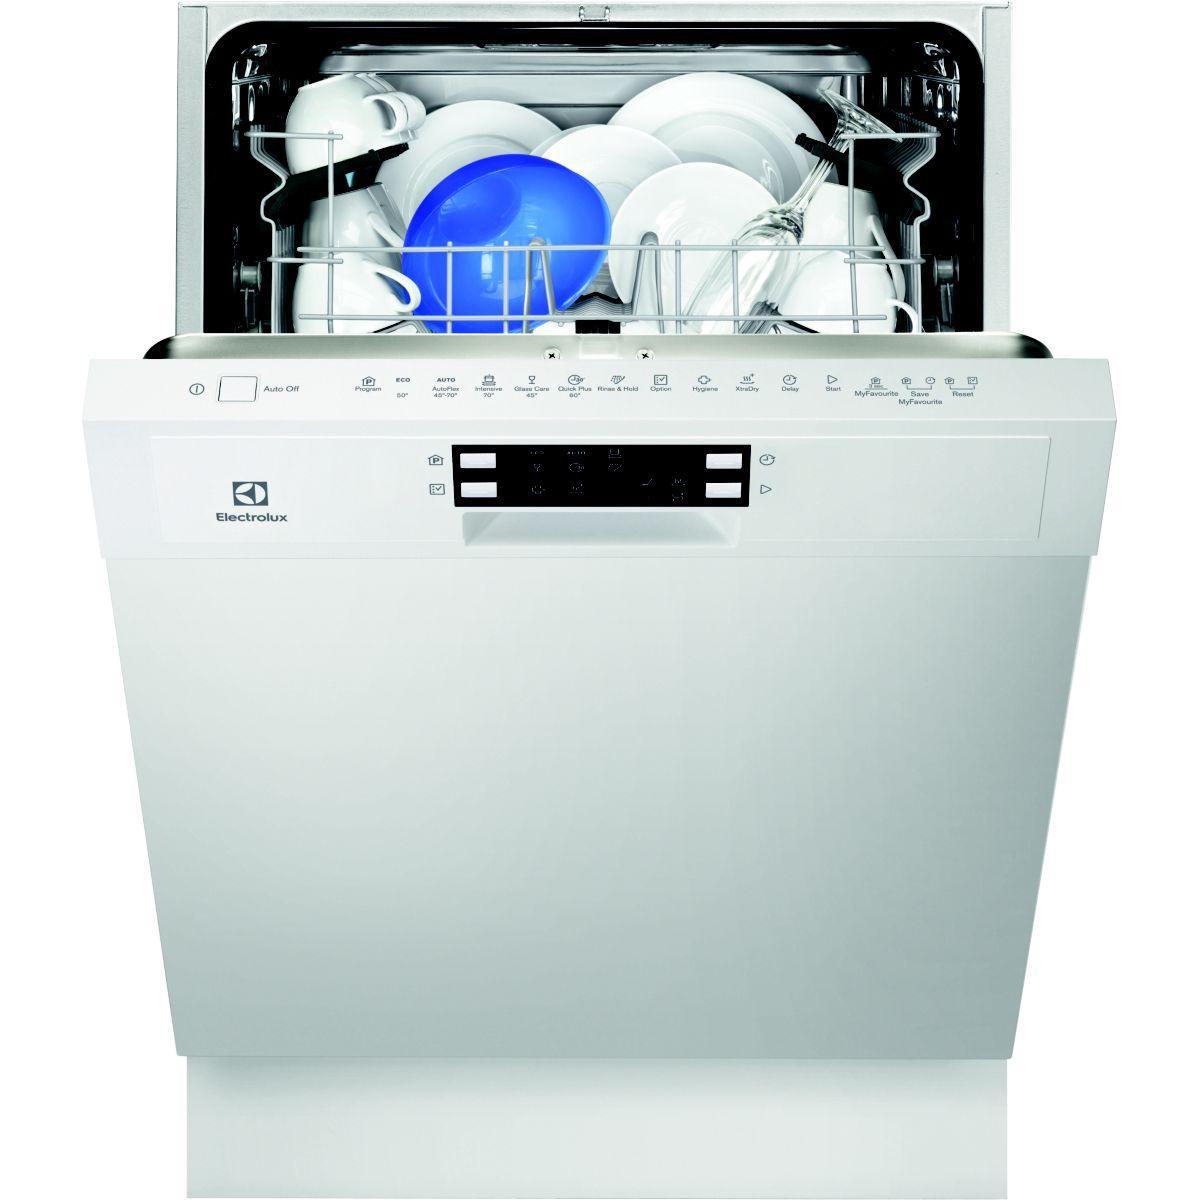 vaisselle int grable achat vente de vaisselle int grable pas cher. Black Bedroom Furniture Sets. Home Design Ideas